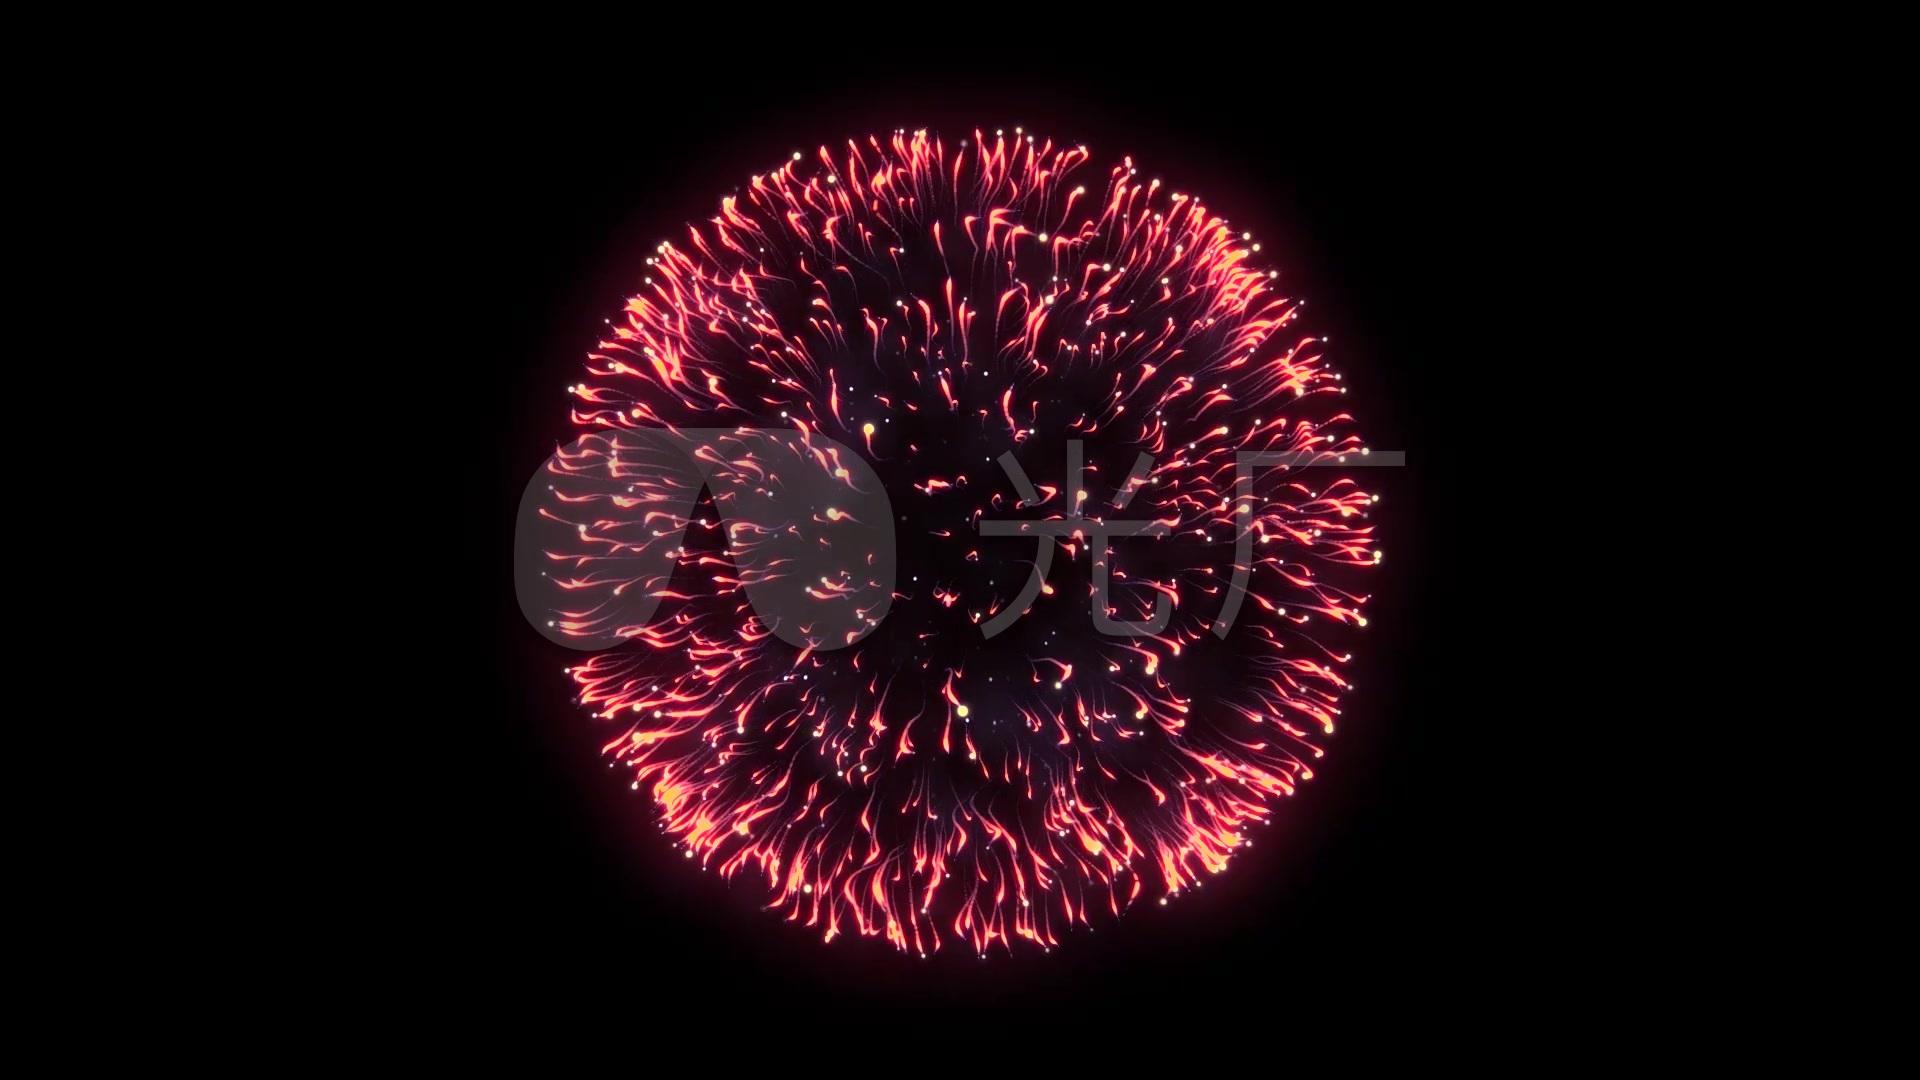 炫目手机烟花v手机视频高清_1920X1080_视频礼花素材全屏图片